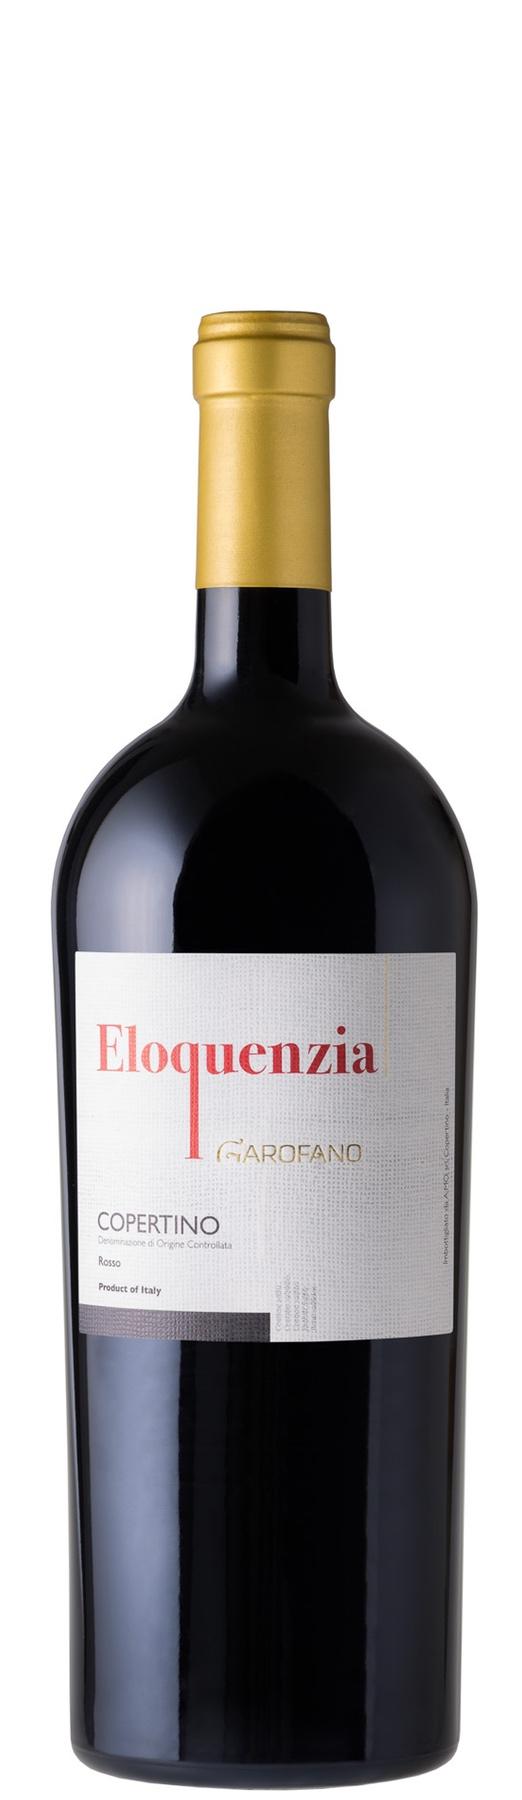 Bottiglia vino Eloquenzia Negroamaro Magnum